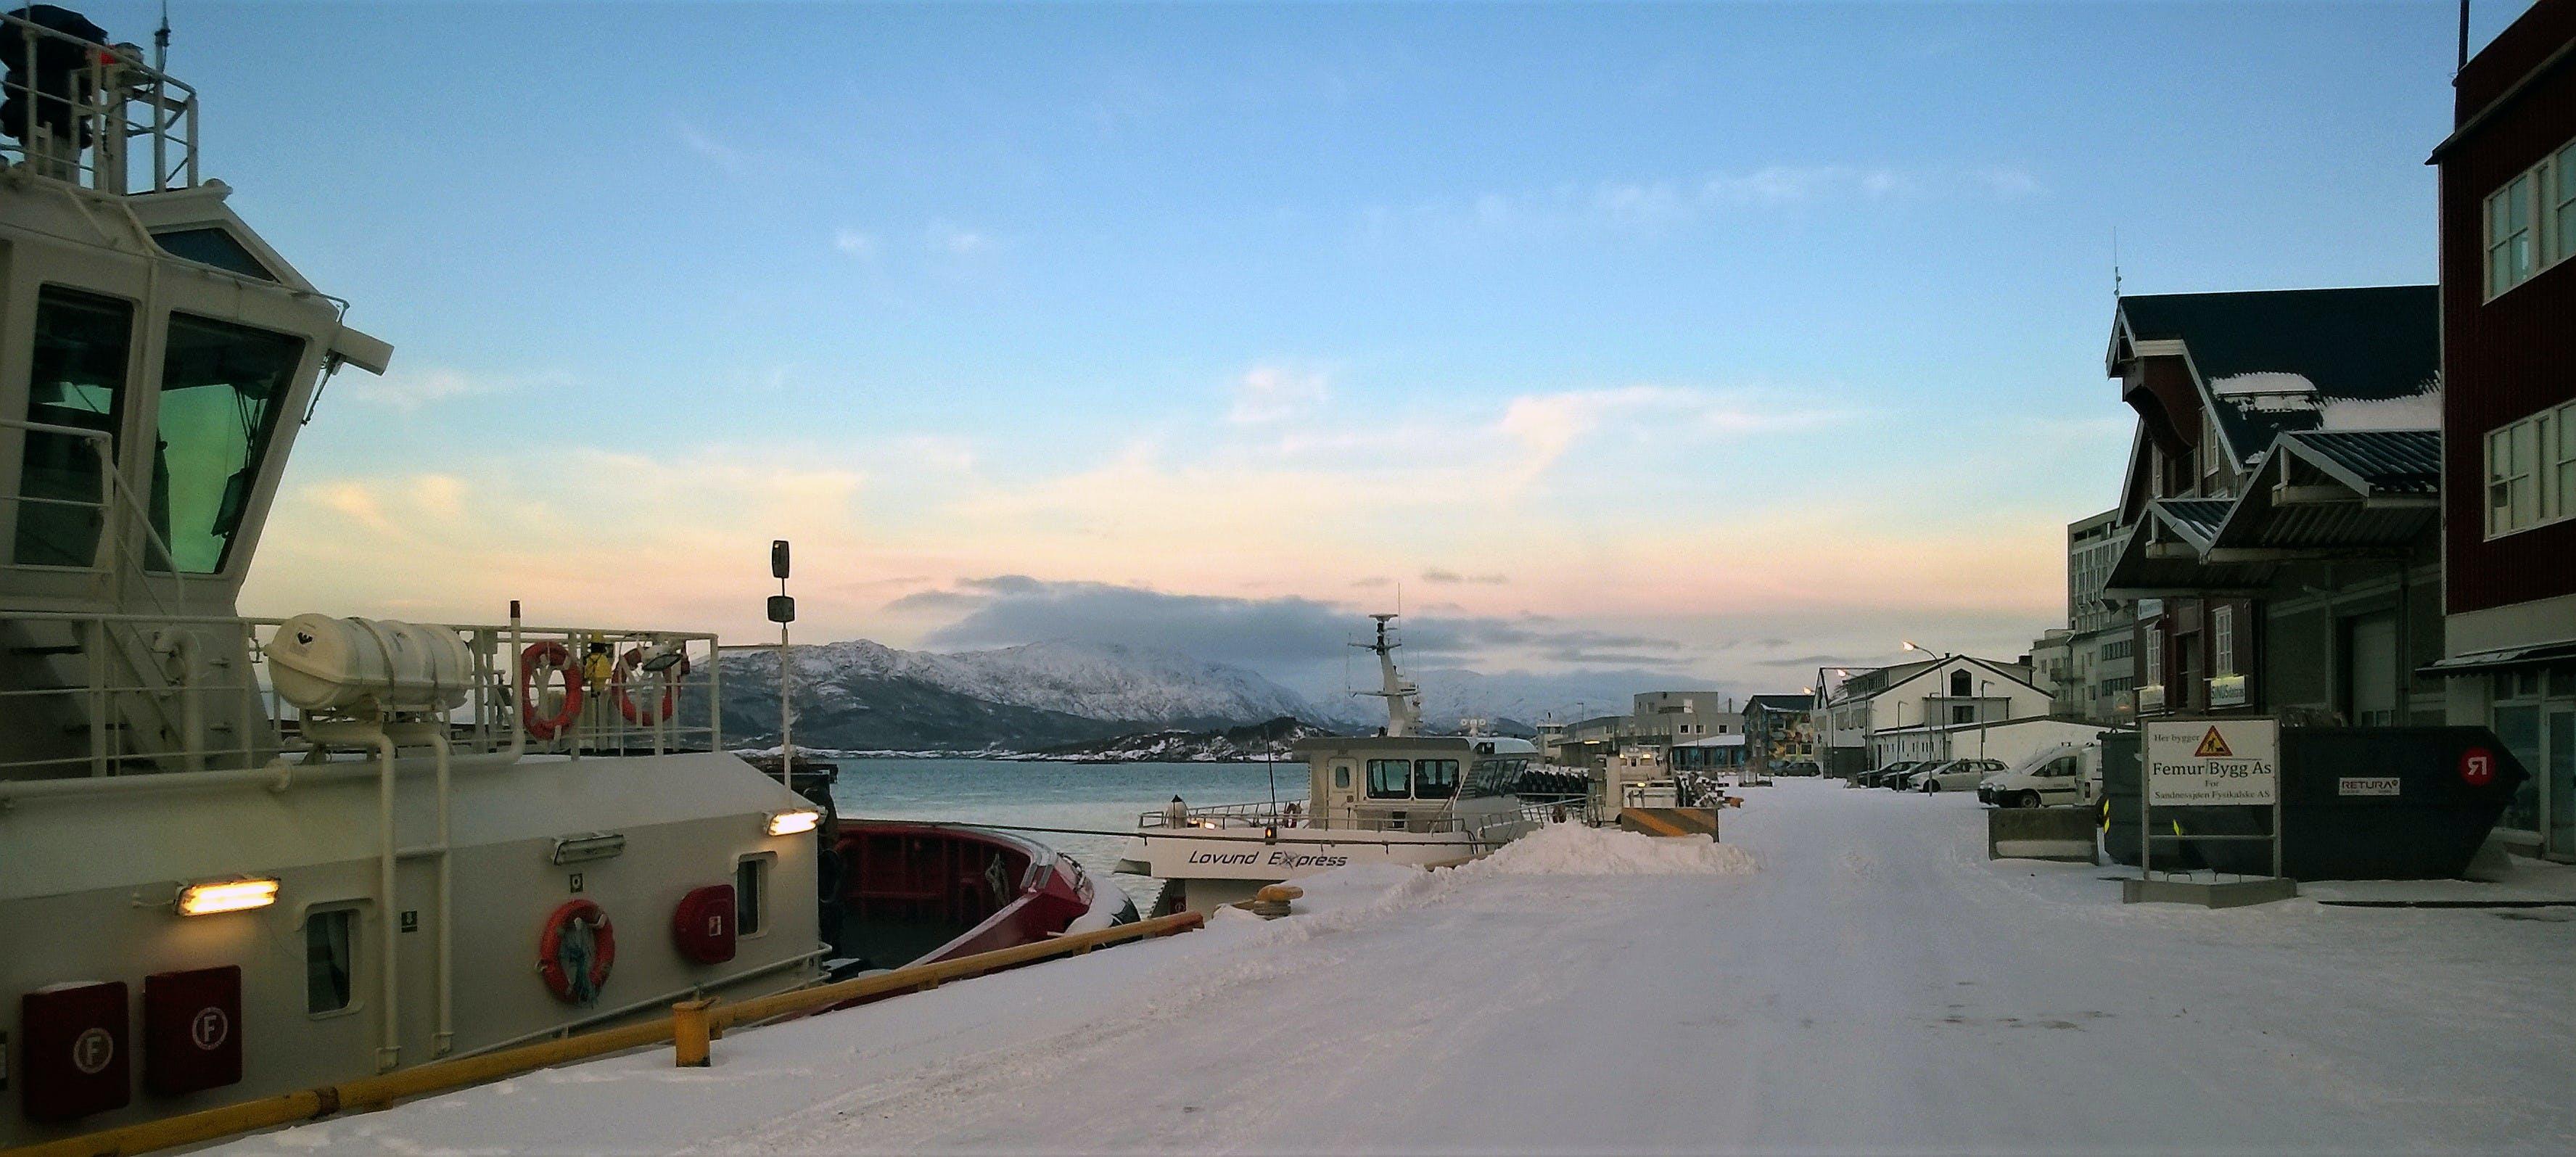 노르웨이, 북 노르웨이, 북해, 피오르의 무료 스톡 사진